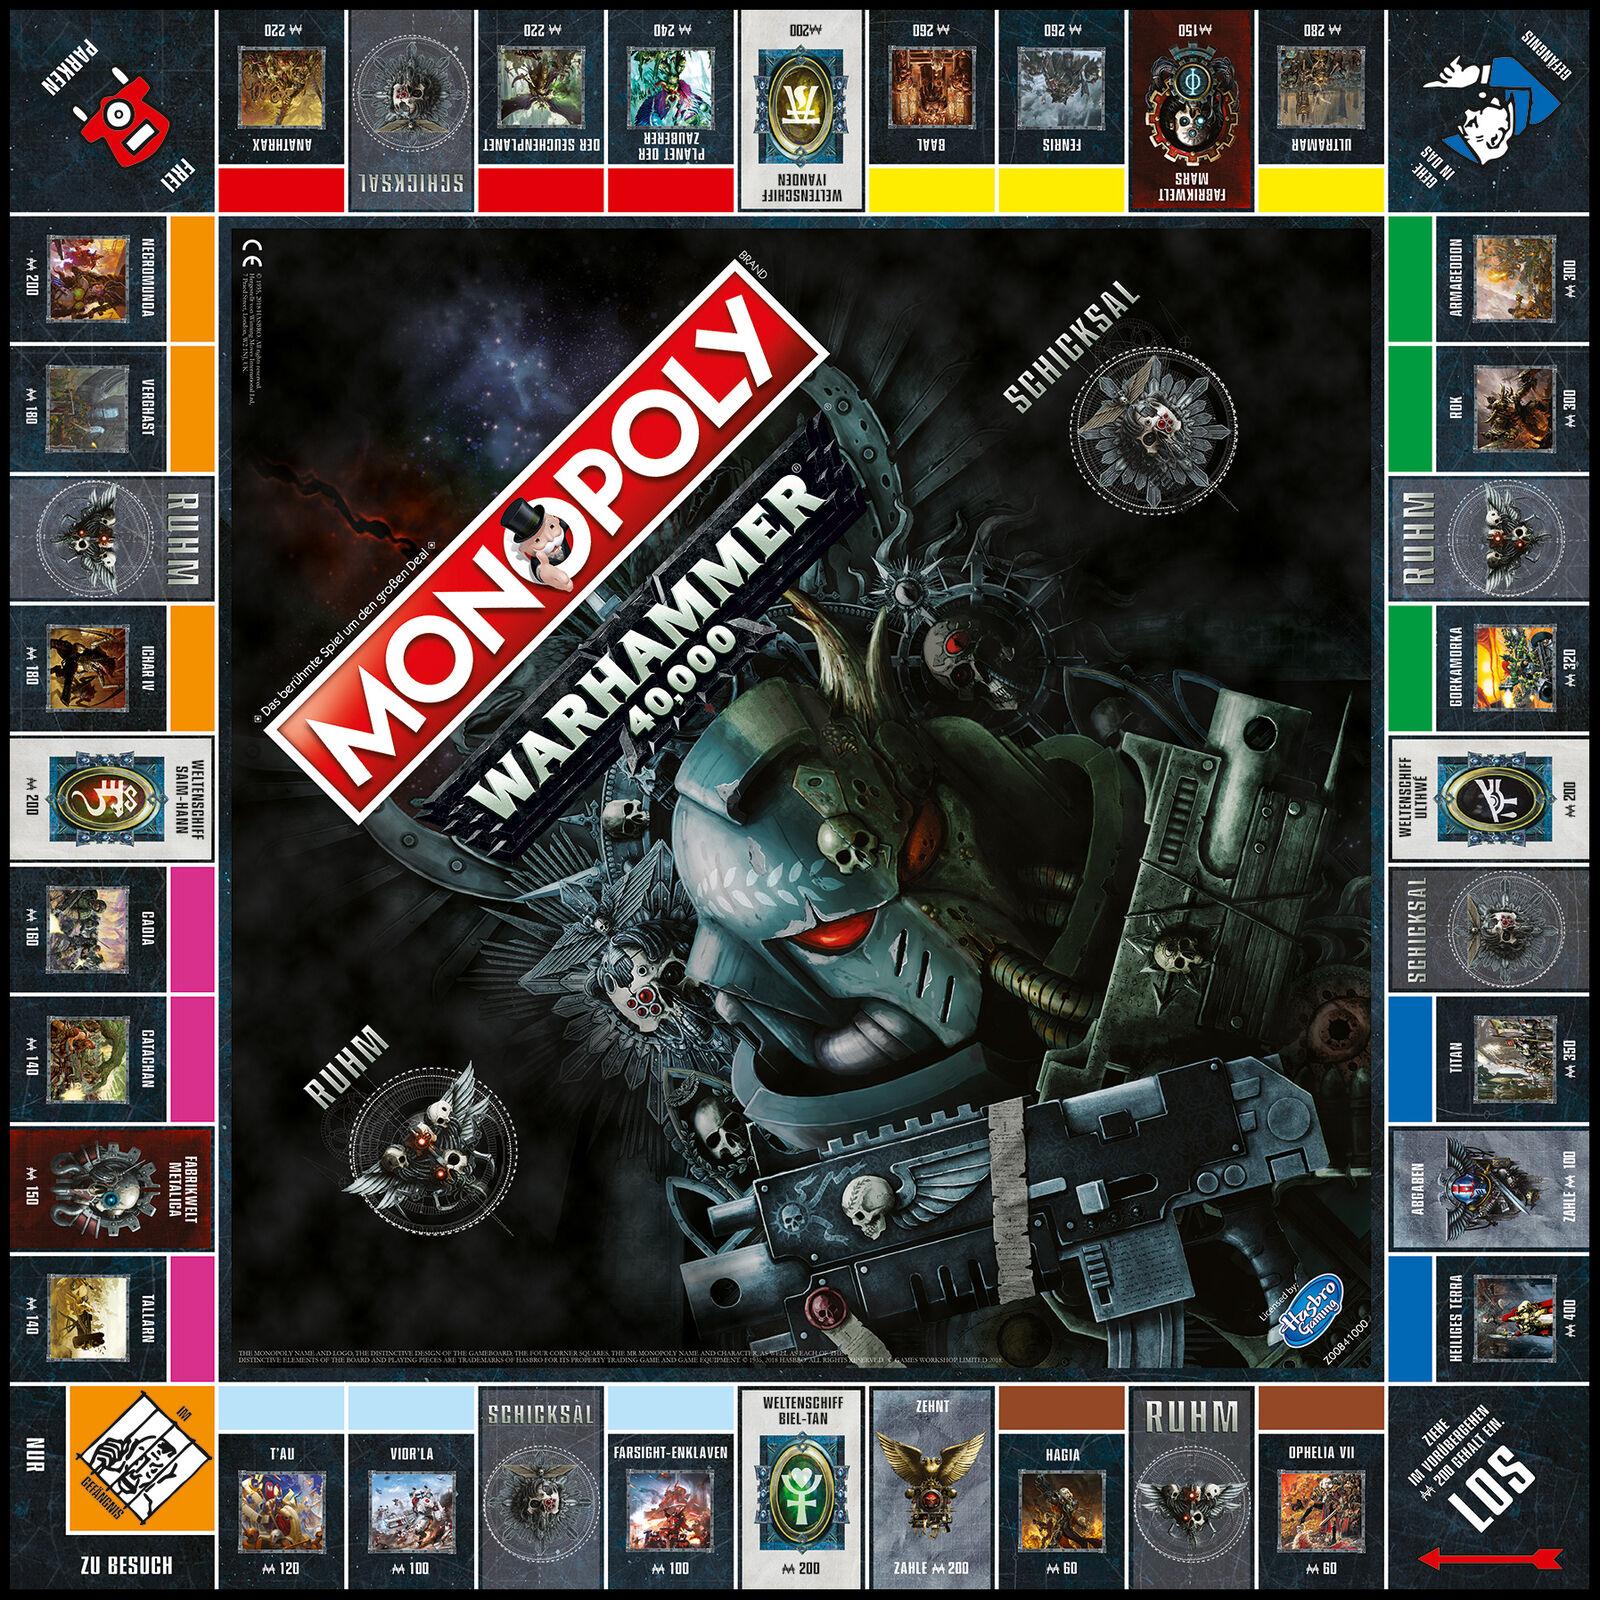 alta calidad Monopoly-Warhammer 40k tabletop-juego tabletop-juego tabletop-juego Warhammer Fantasy  colores increíbles